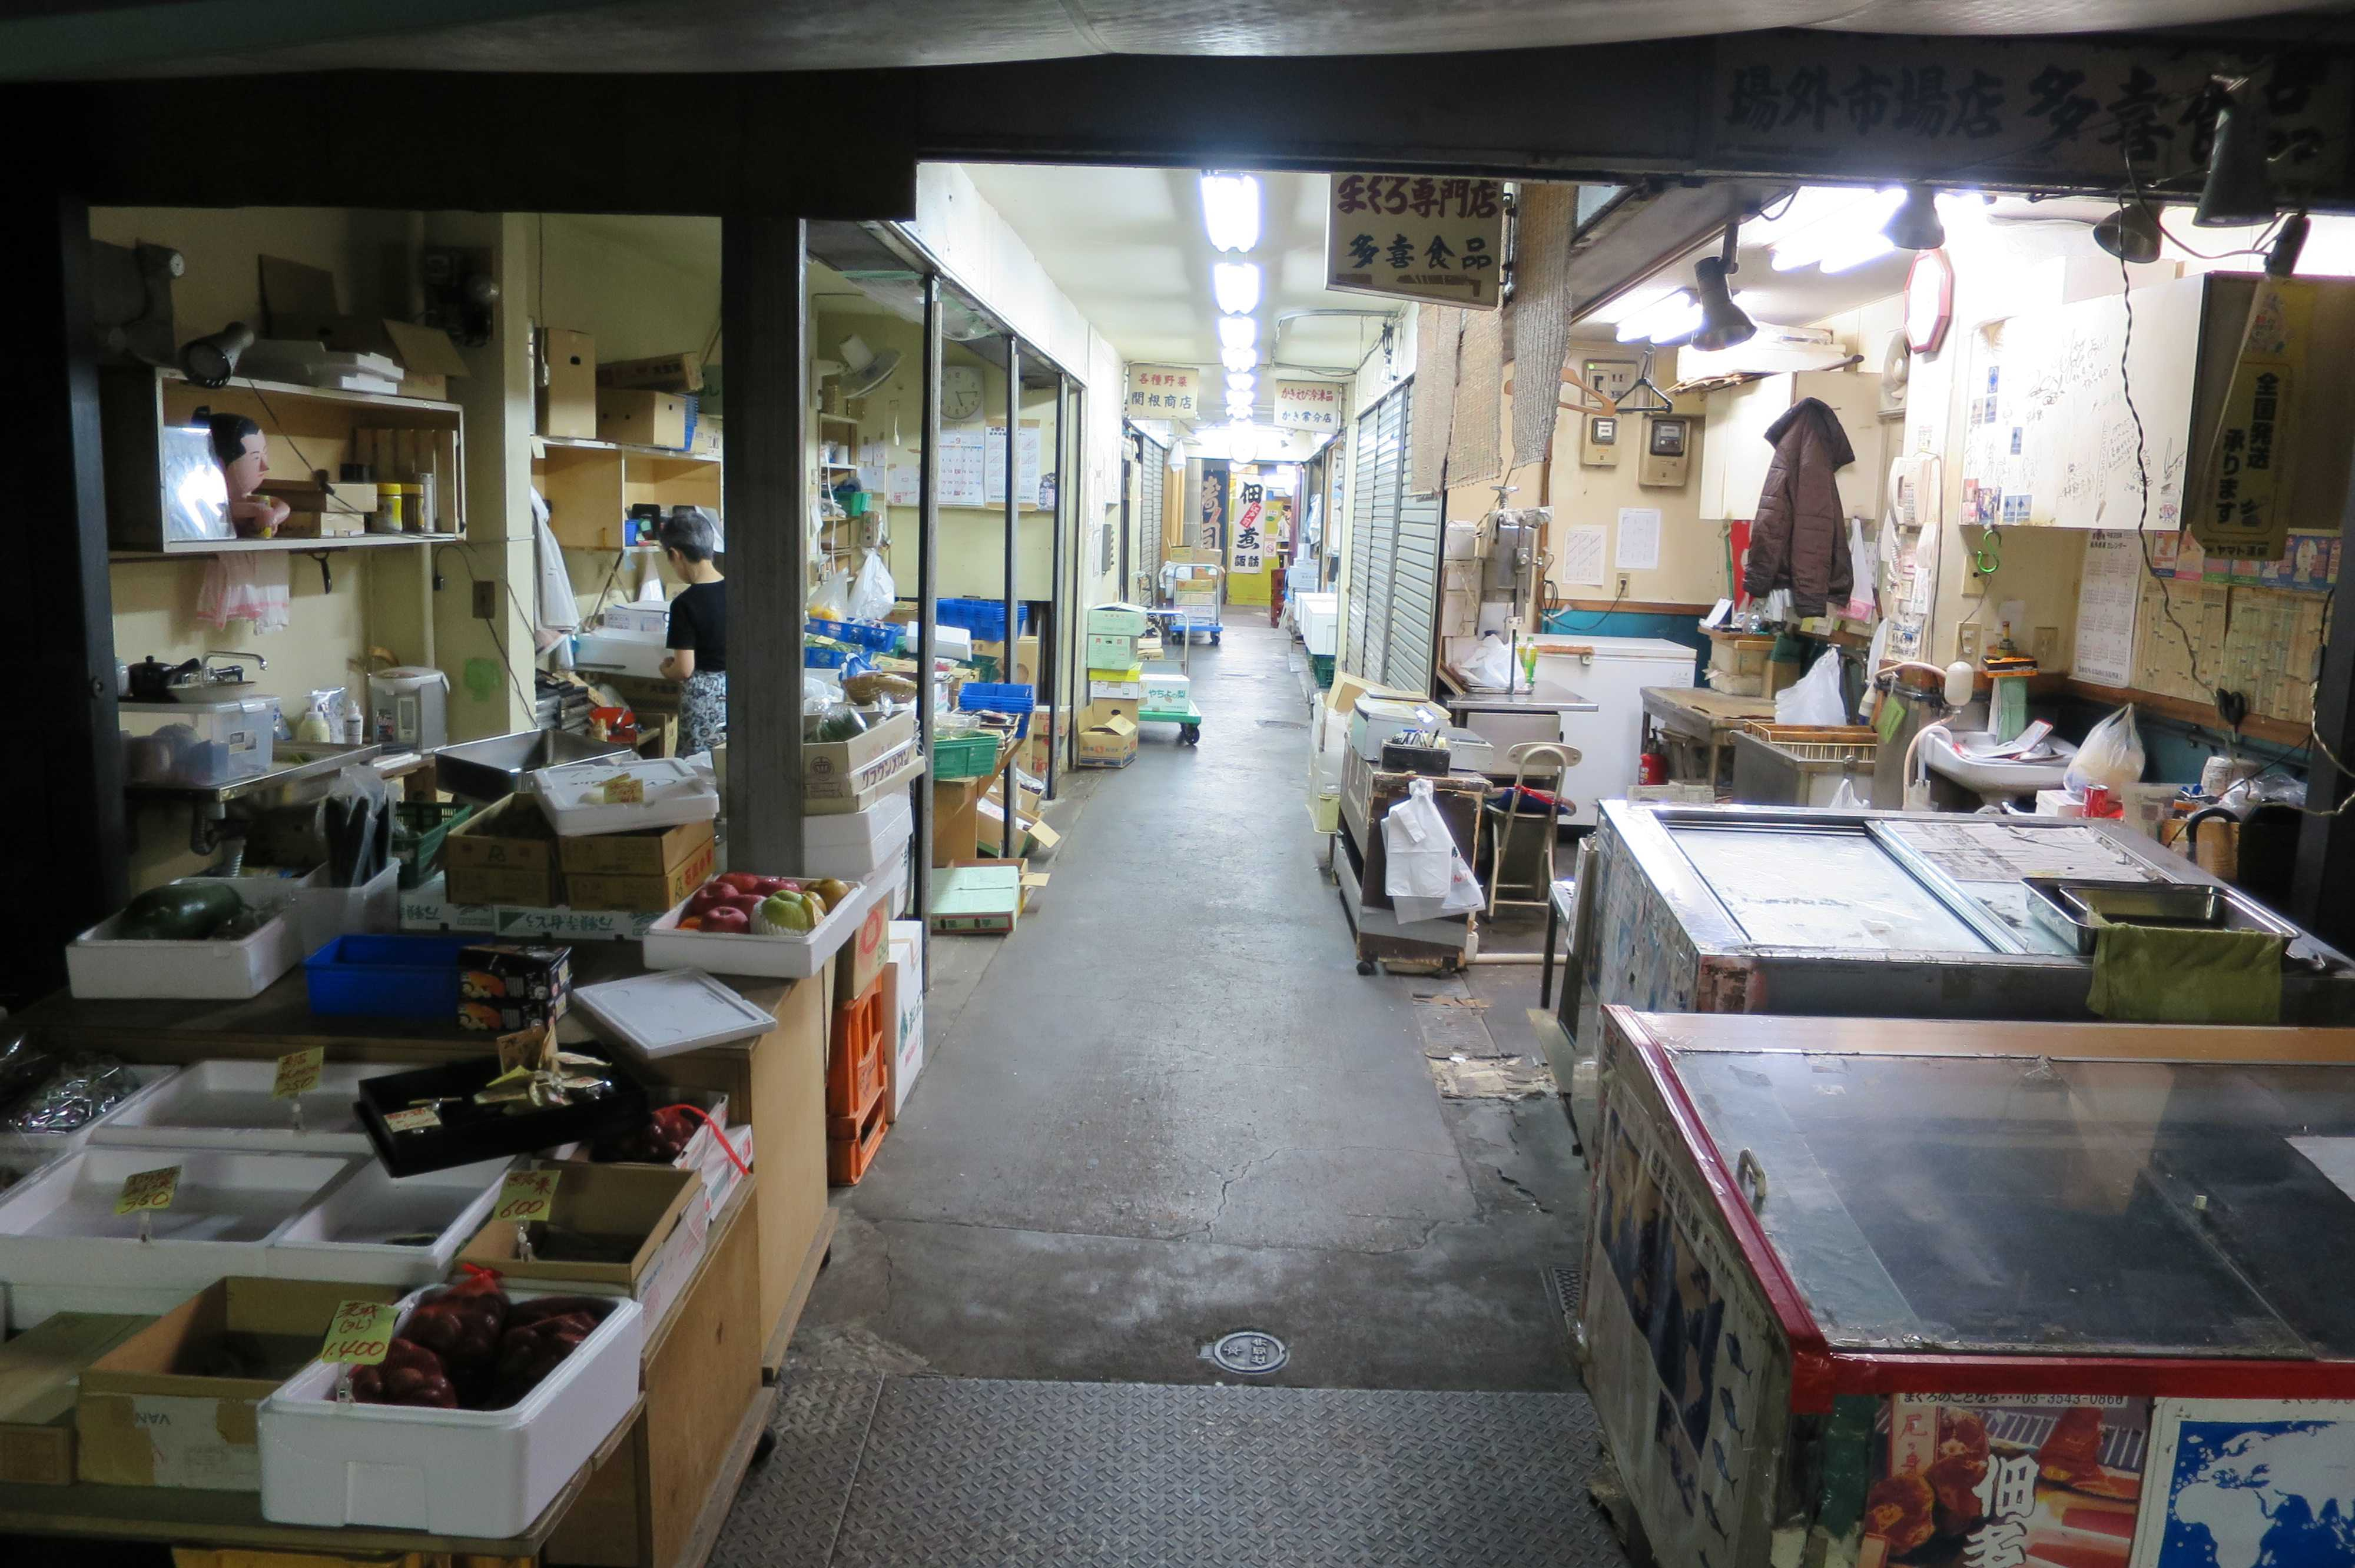 築地場外市場 - 細い路地(建物内の細い通路)を挟んだ共同店舗